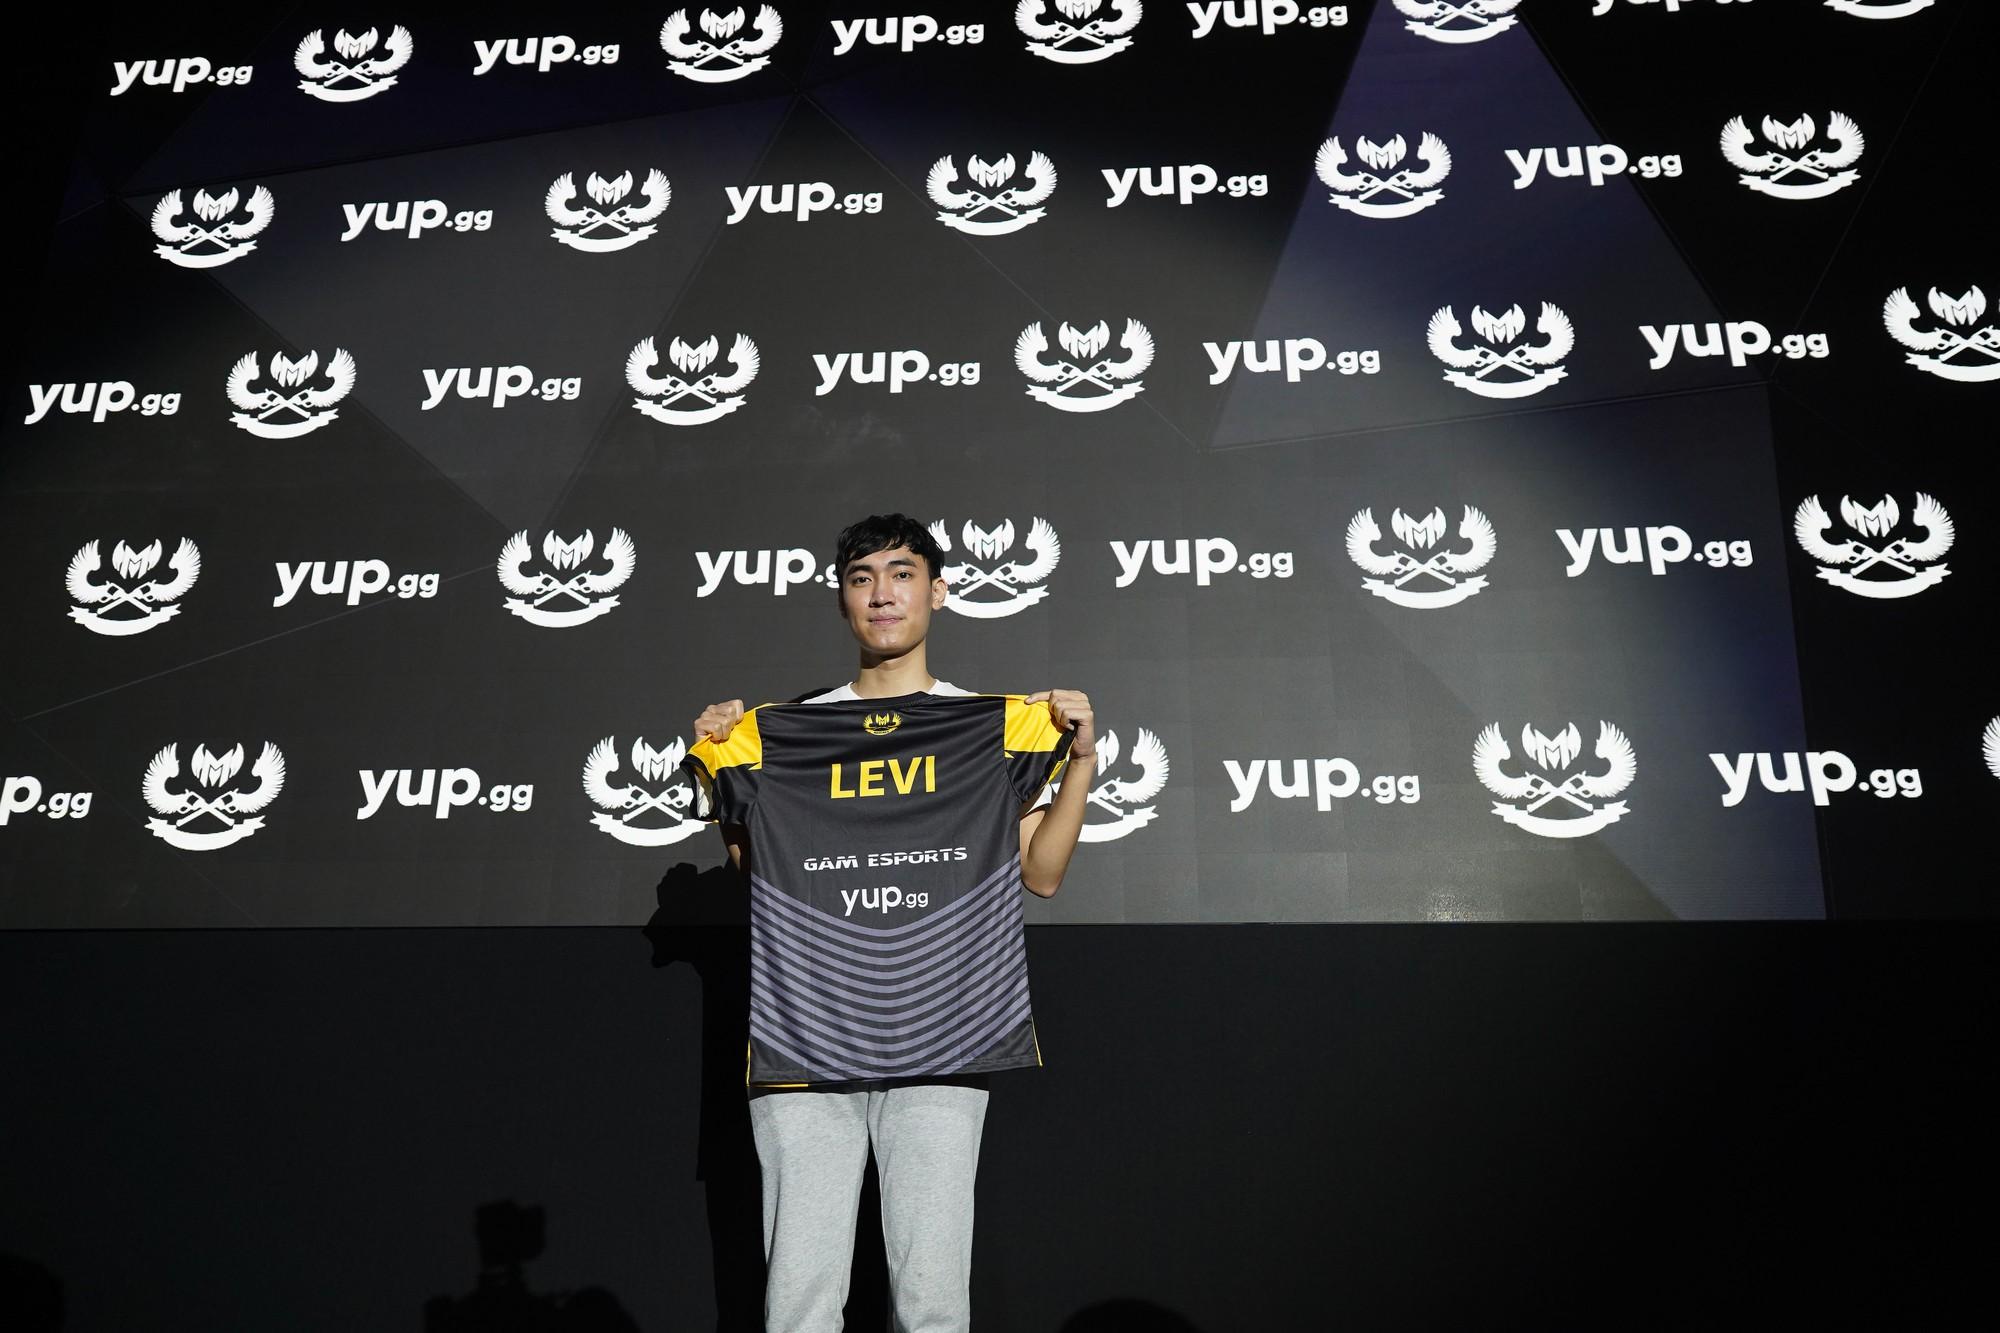 Toàn cảnh buổi họp báo công bố bom tấn mang tên Levi của GAM Esports - Ảnh 9.